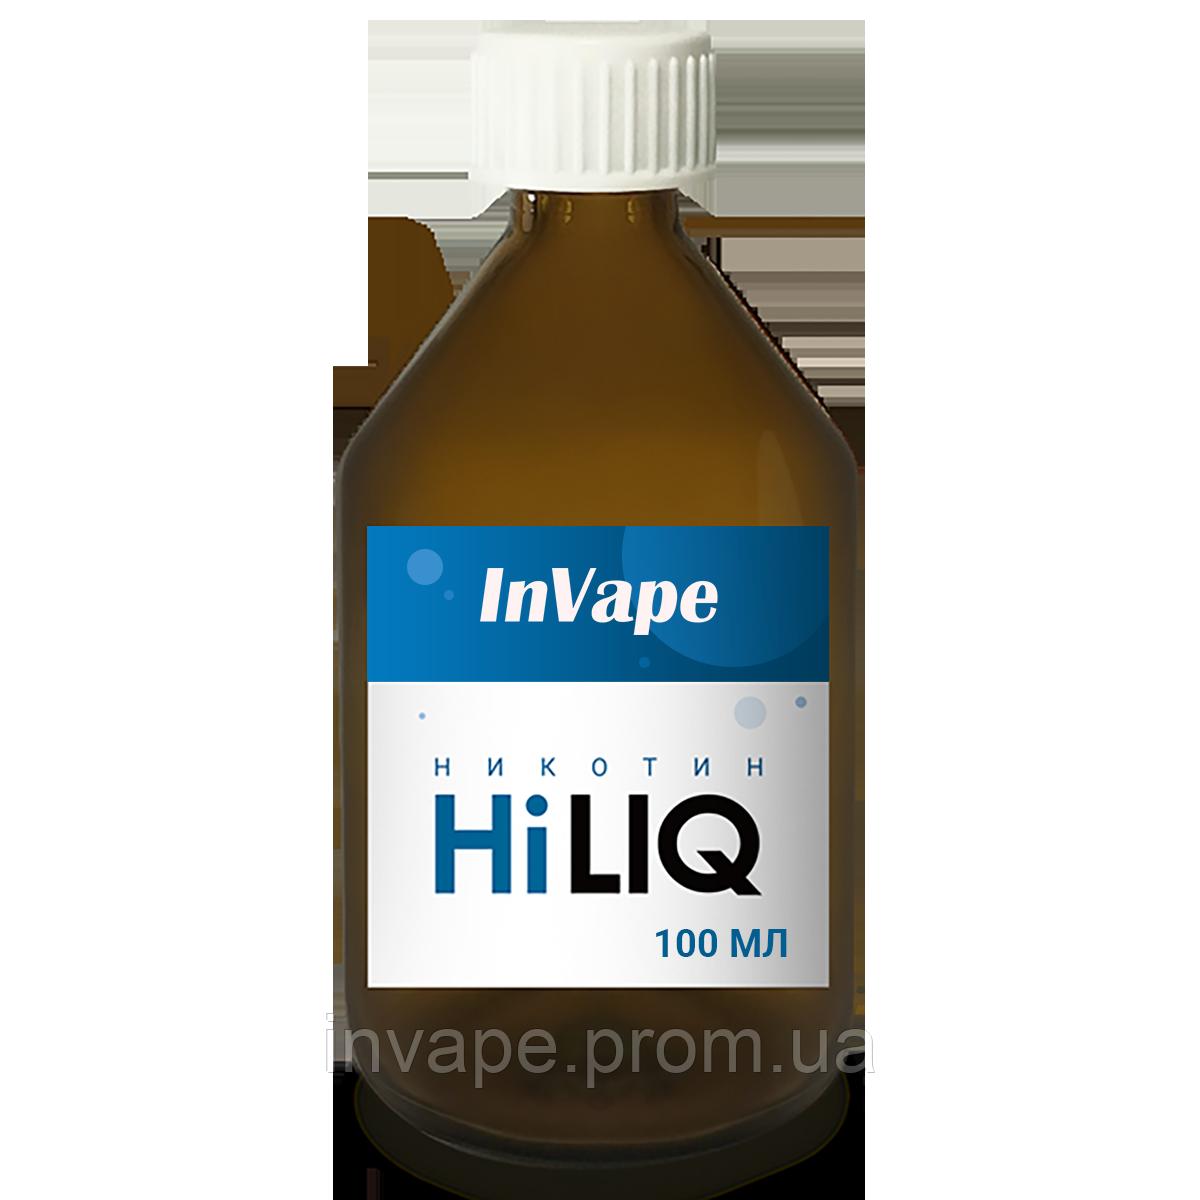 Hiliq 100мг/мл для самозамеса 100мл